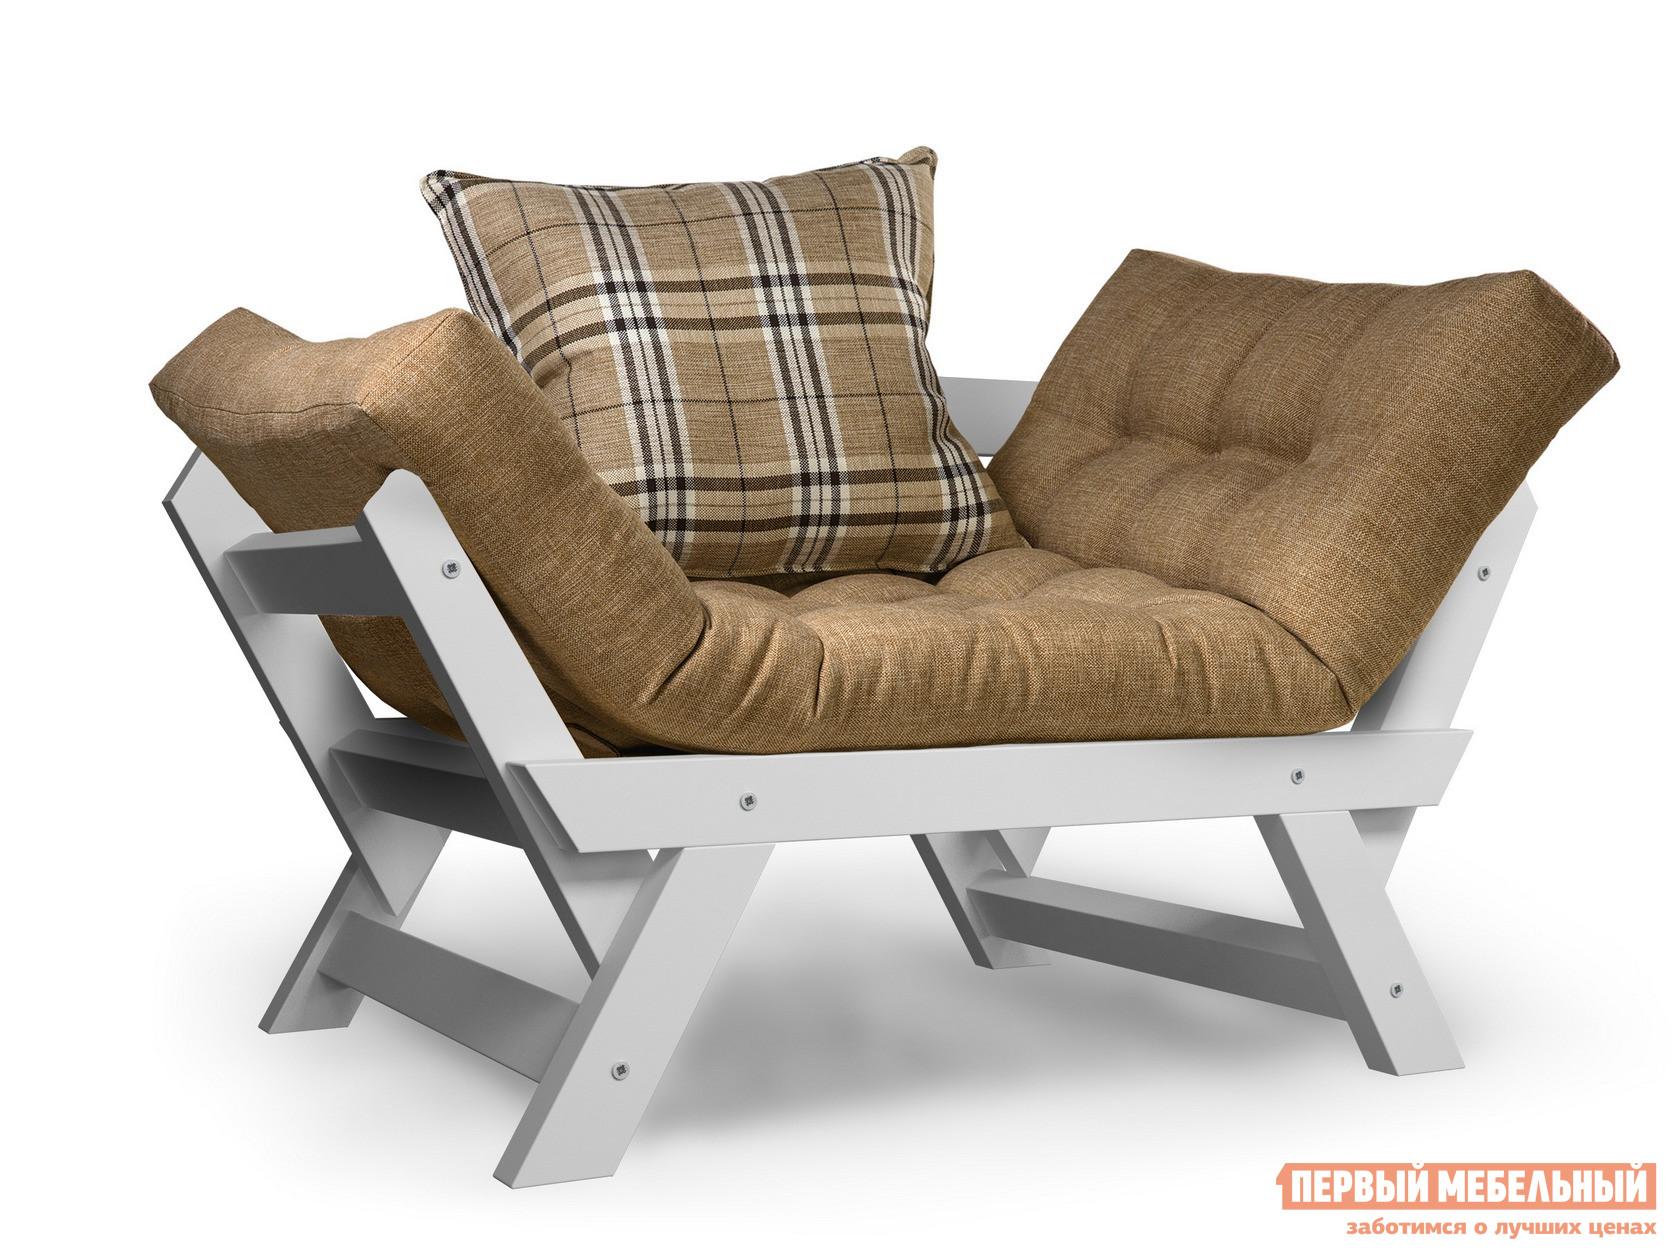 Кресло для дачи АндерСон Отман